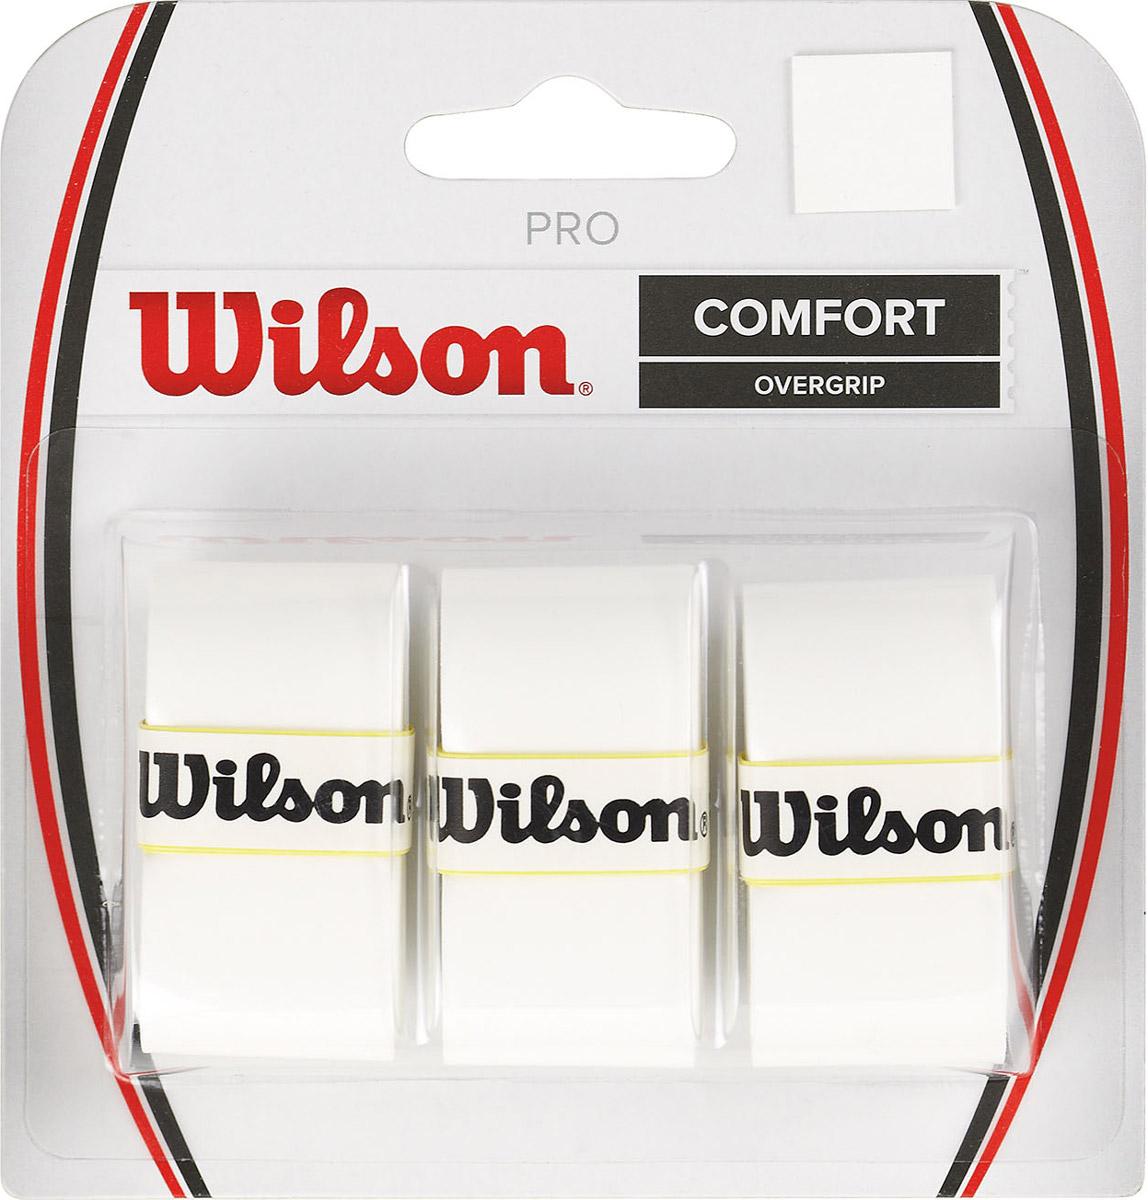 """Обмотка Wilson """"Pro Overgrip Blade""""- это самый популярный овергрипп в мире теперь и в цветах САМОГО ПОПУЛЯРНОГО СЕМЕЙСТВА РАКЕТОК В МИРЕ - СЕМЕЙСТВА BLADE. Сделает Ваш день и окрасит Вашу любимую ракетку в новые яркие тона!"""